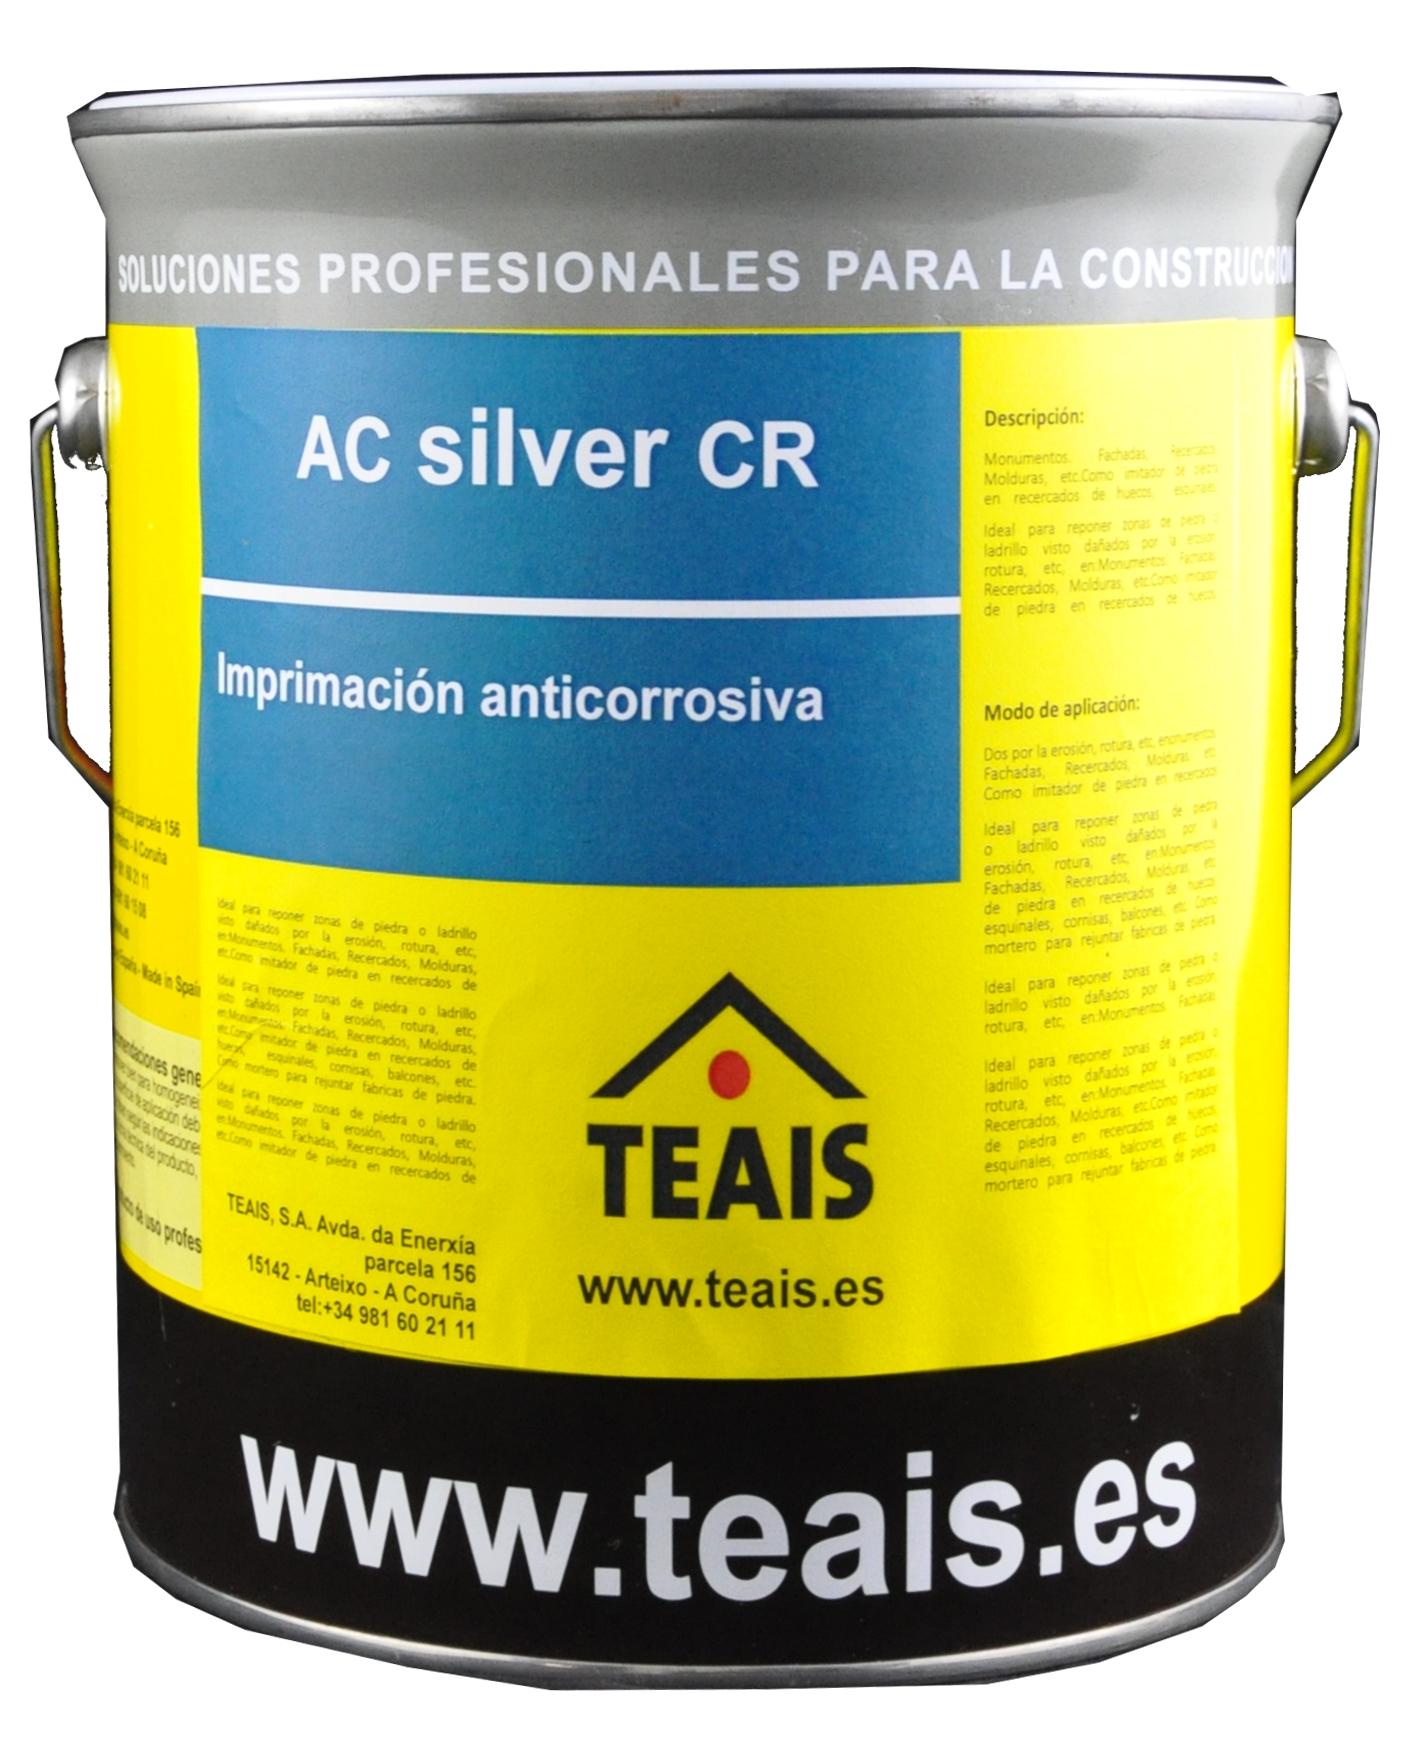 LINEA NAVAL > Imprimaciones anticorrosivas . AC SILVER CR